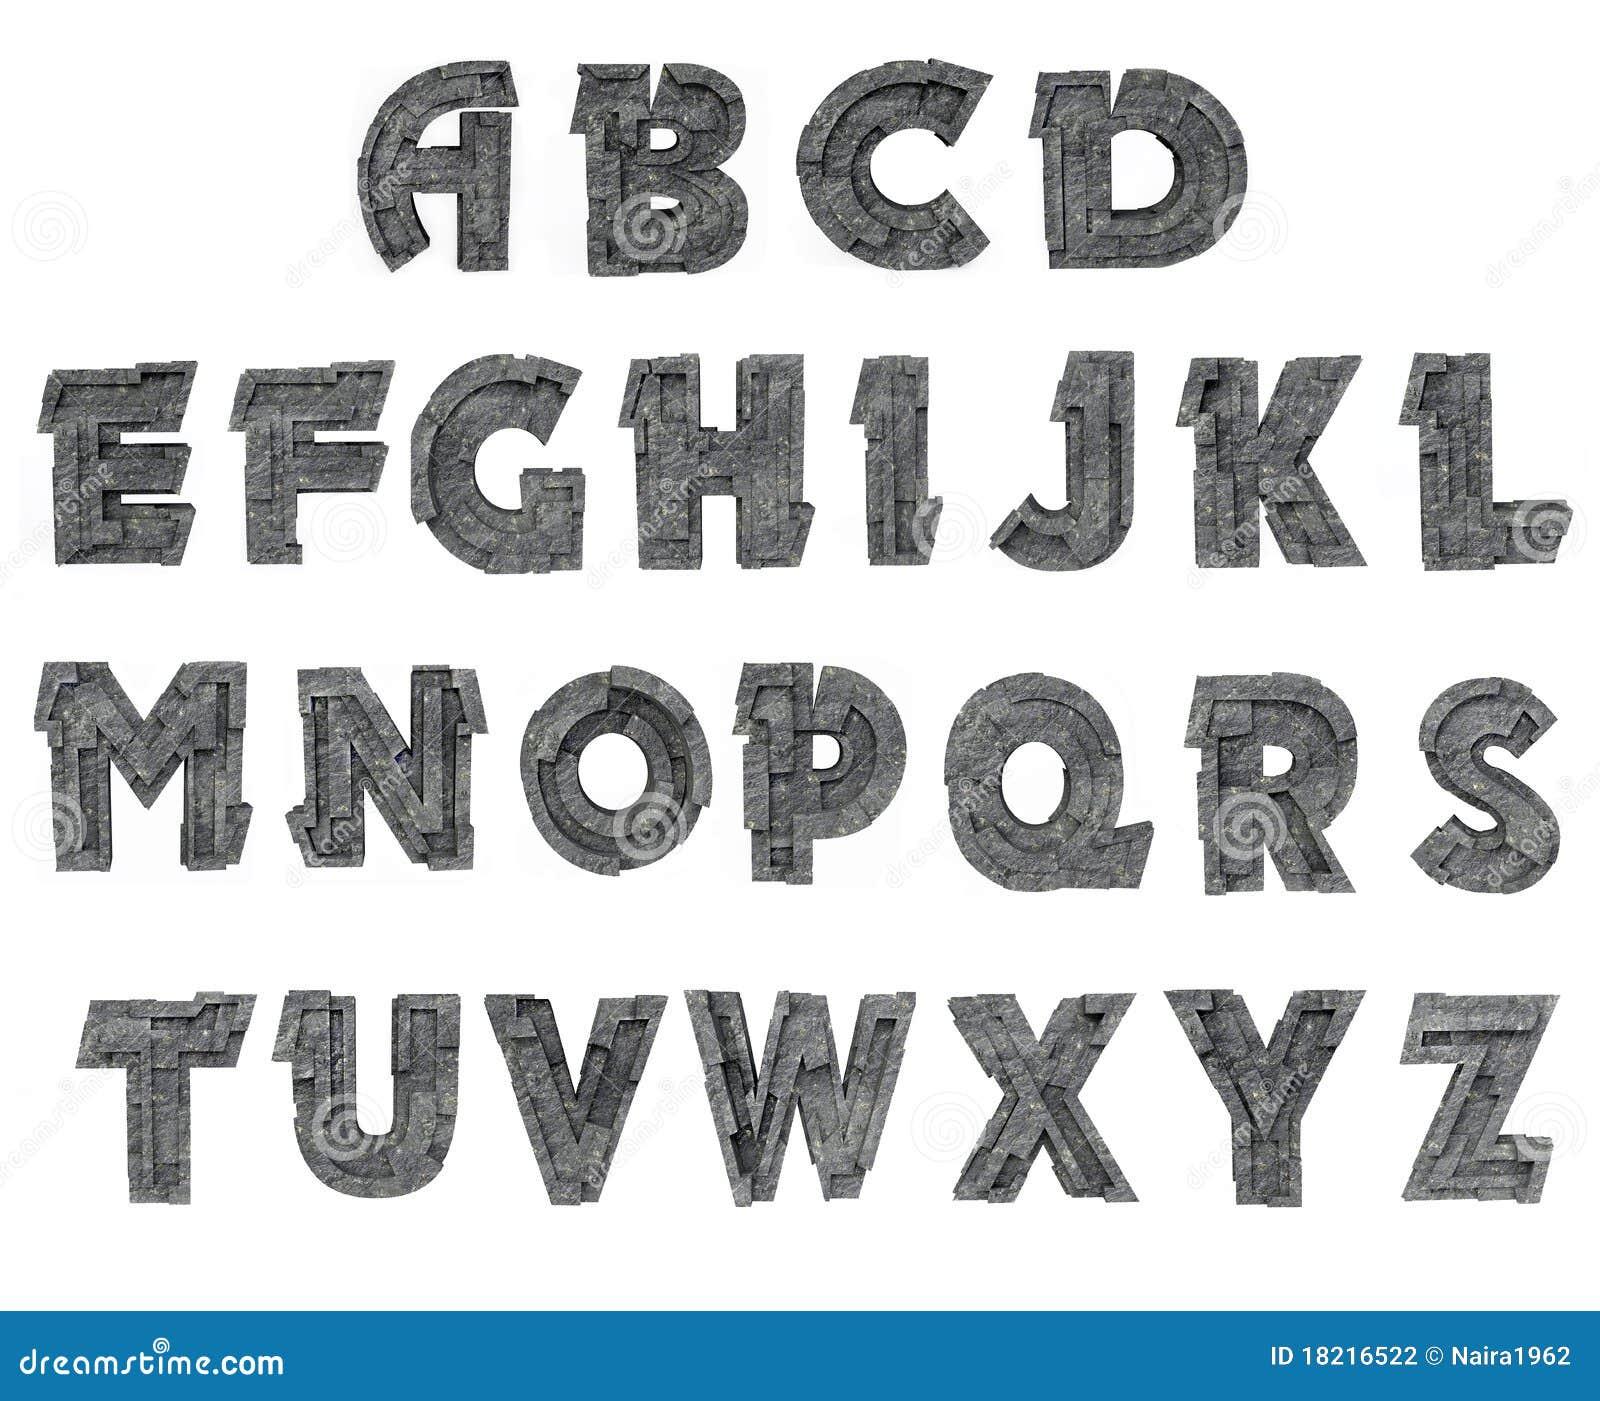 3d Block Letter Alphabet